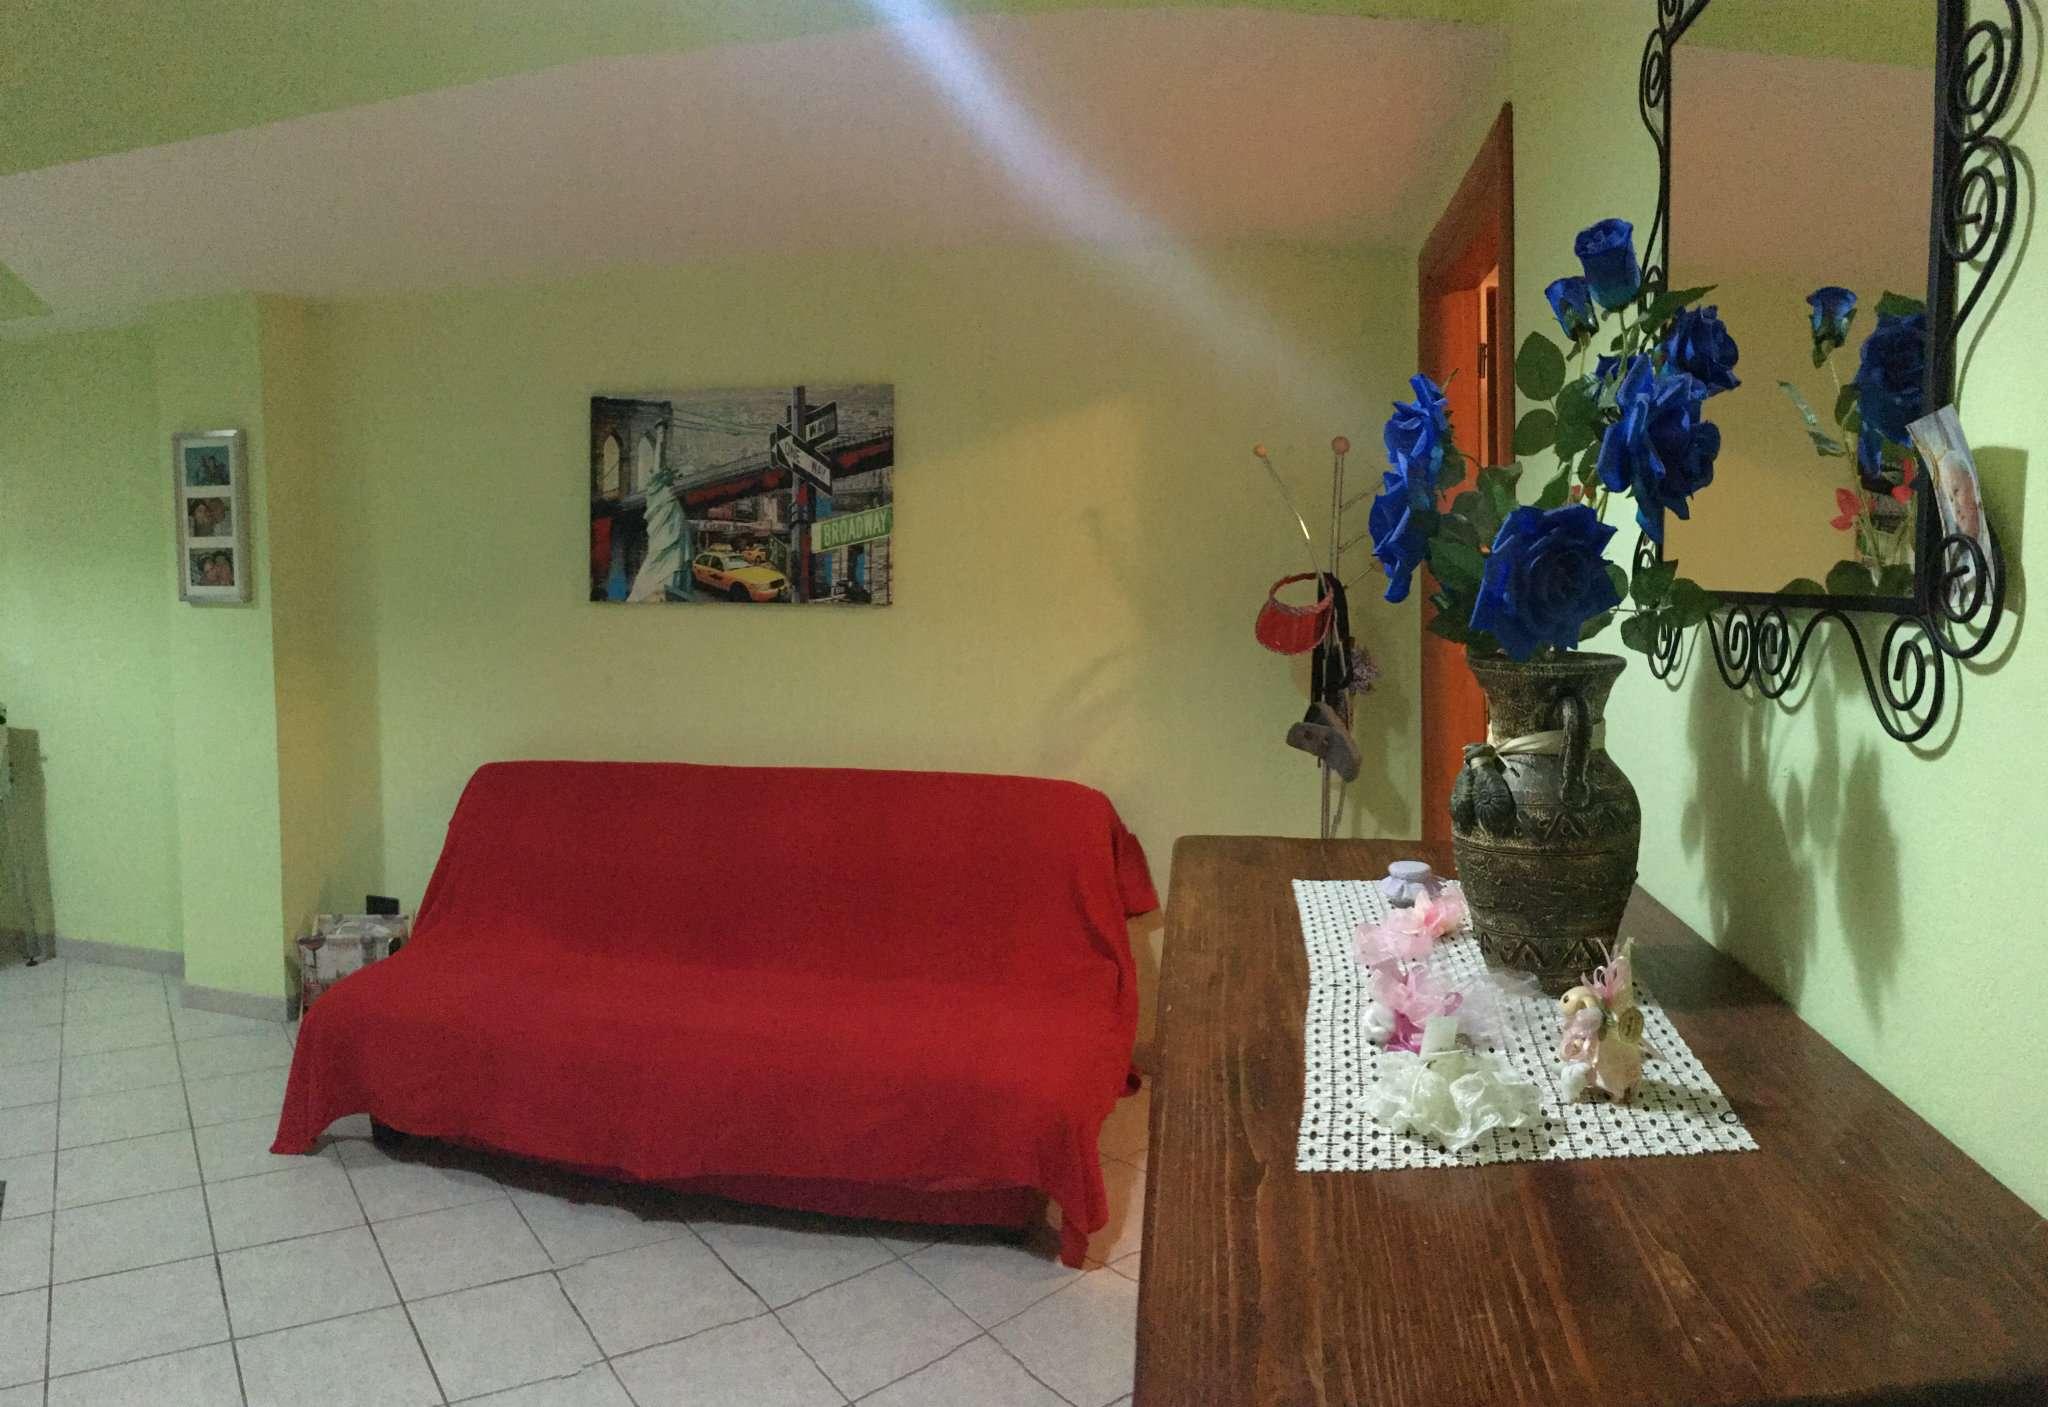 Appartamento in vendita a Sinnai, 2 locali, prezzo € 46.000 | CambioCasa.it